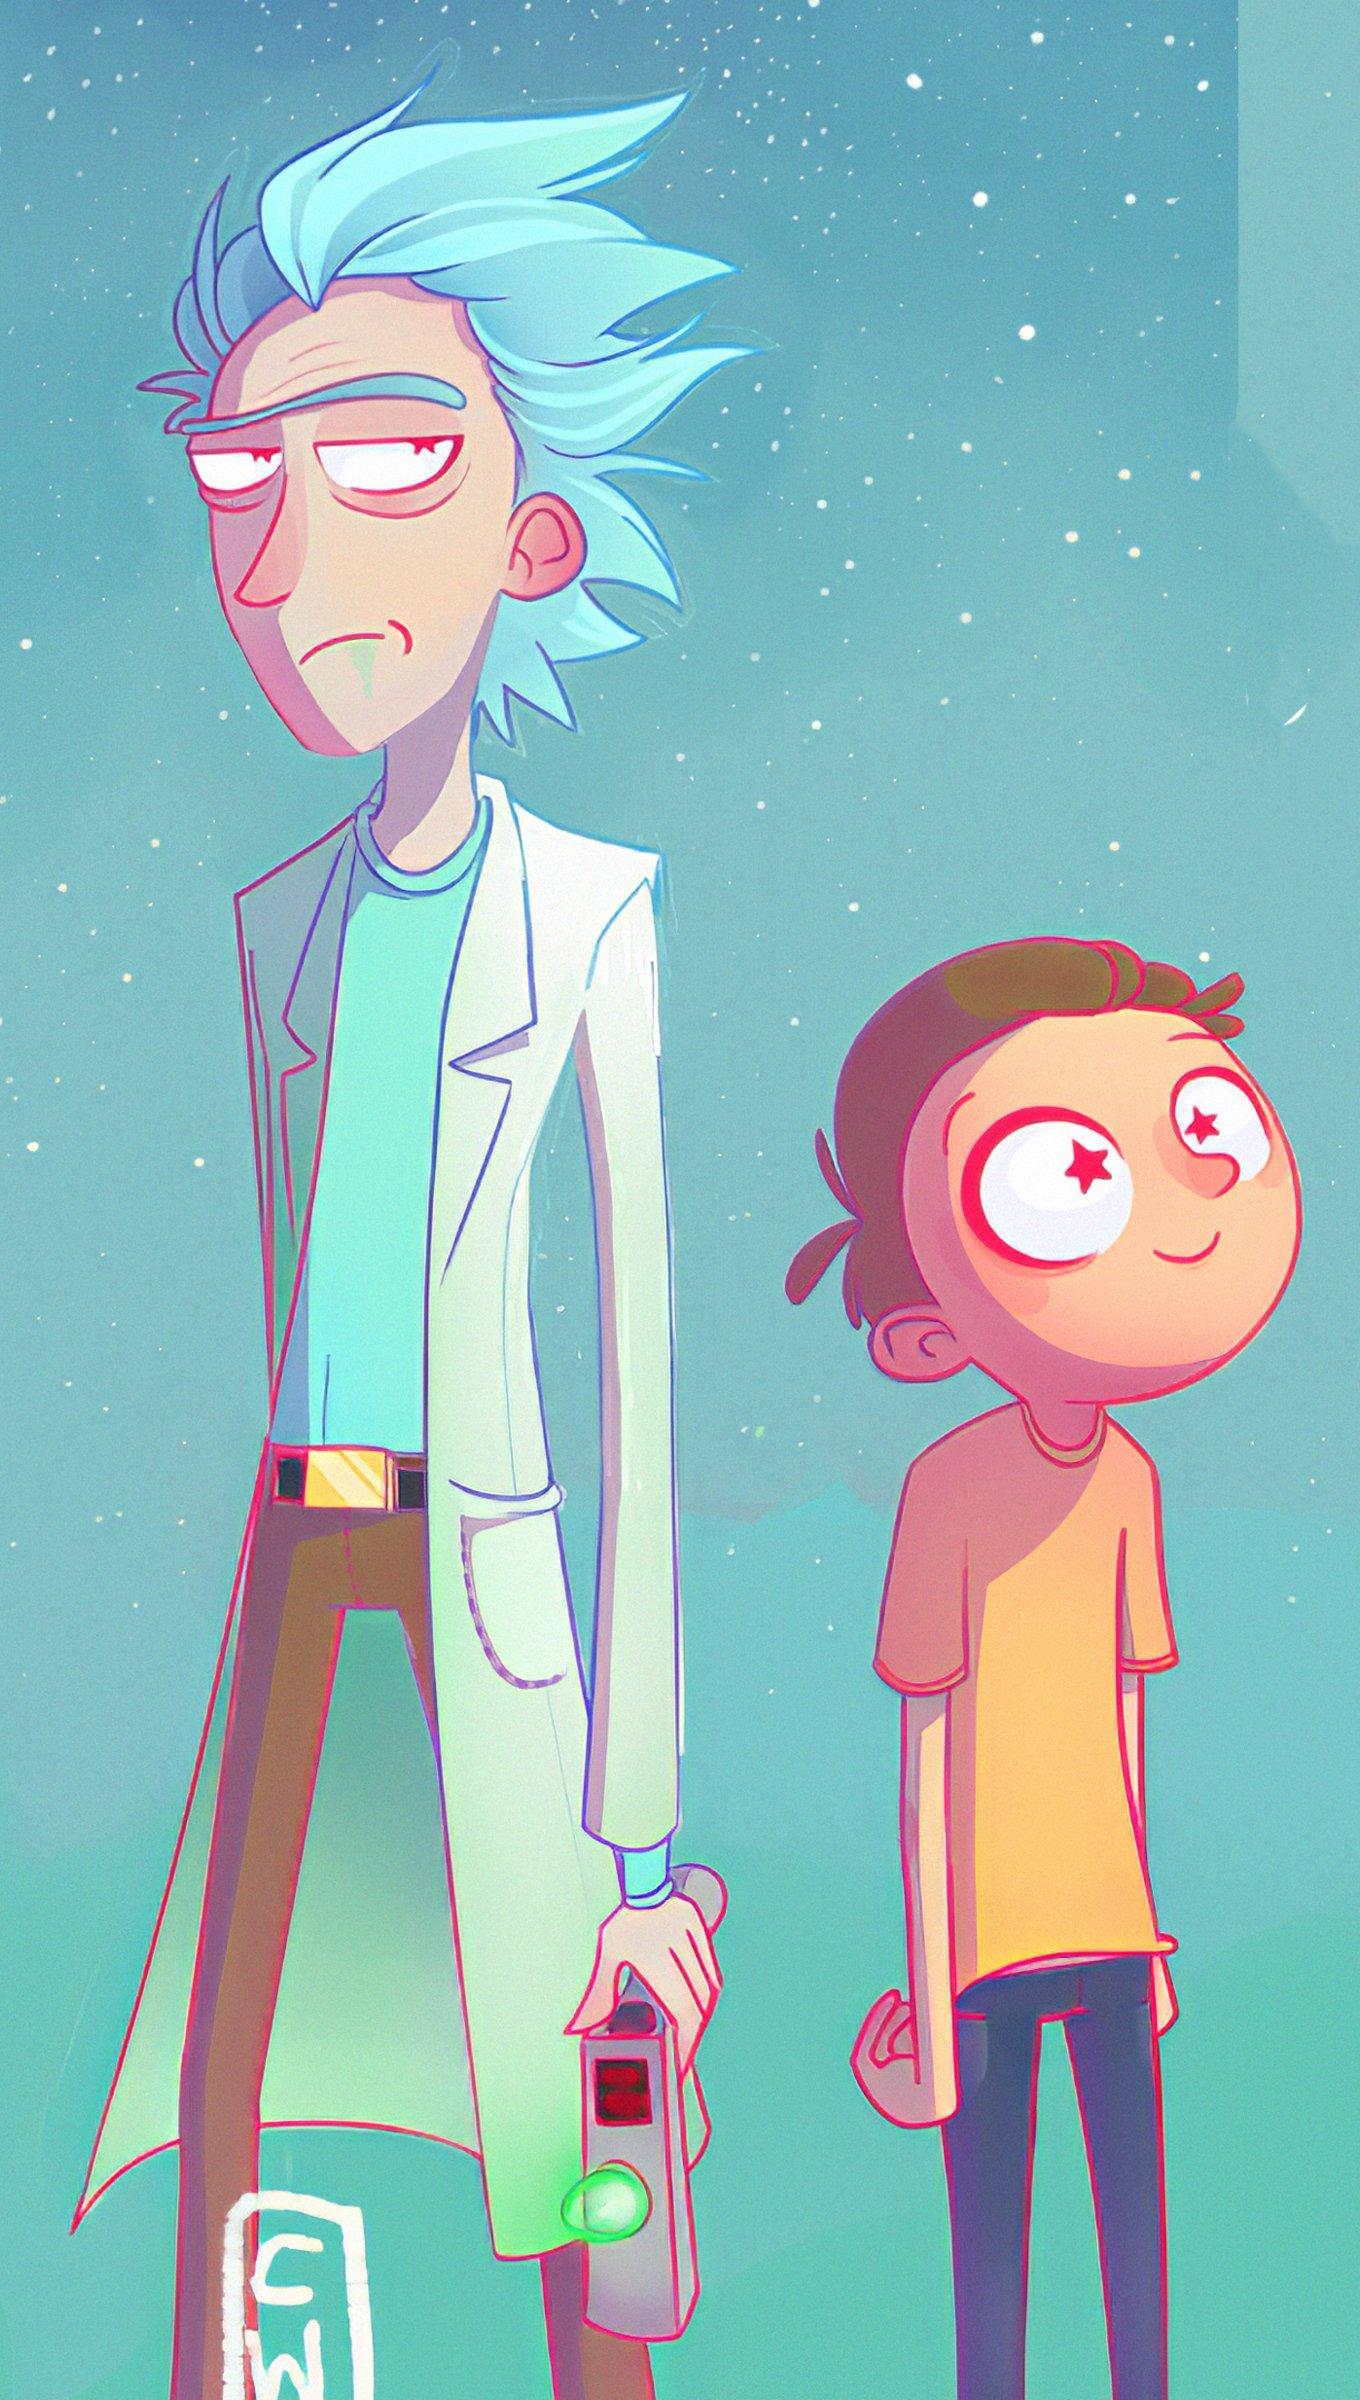 Fondos de pantalla Rick y Morty Artwork Vertical